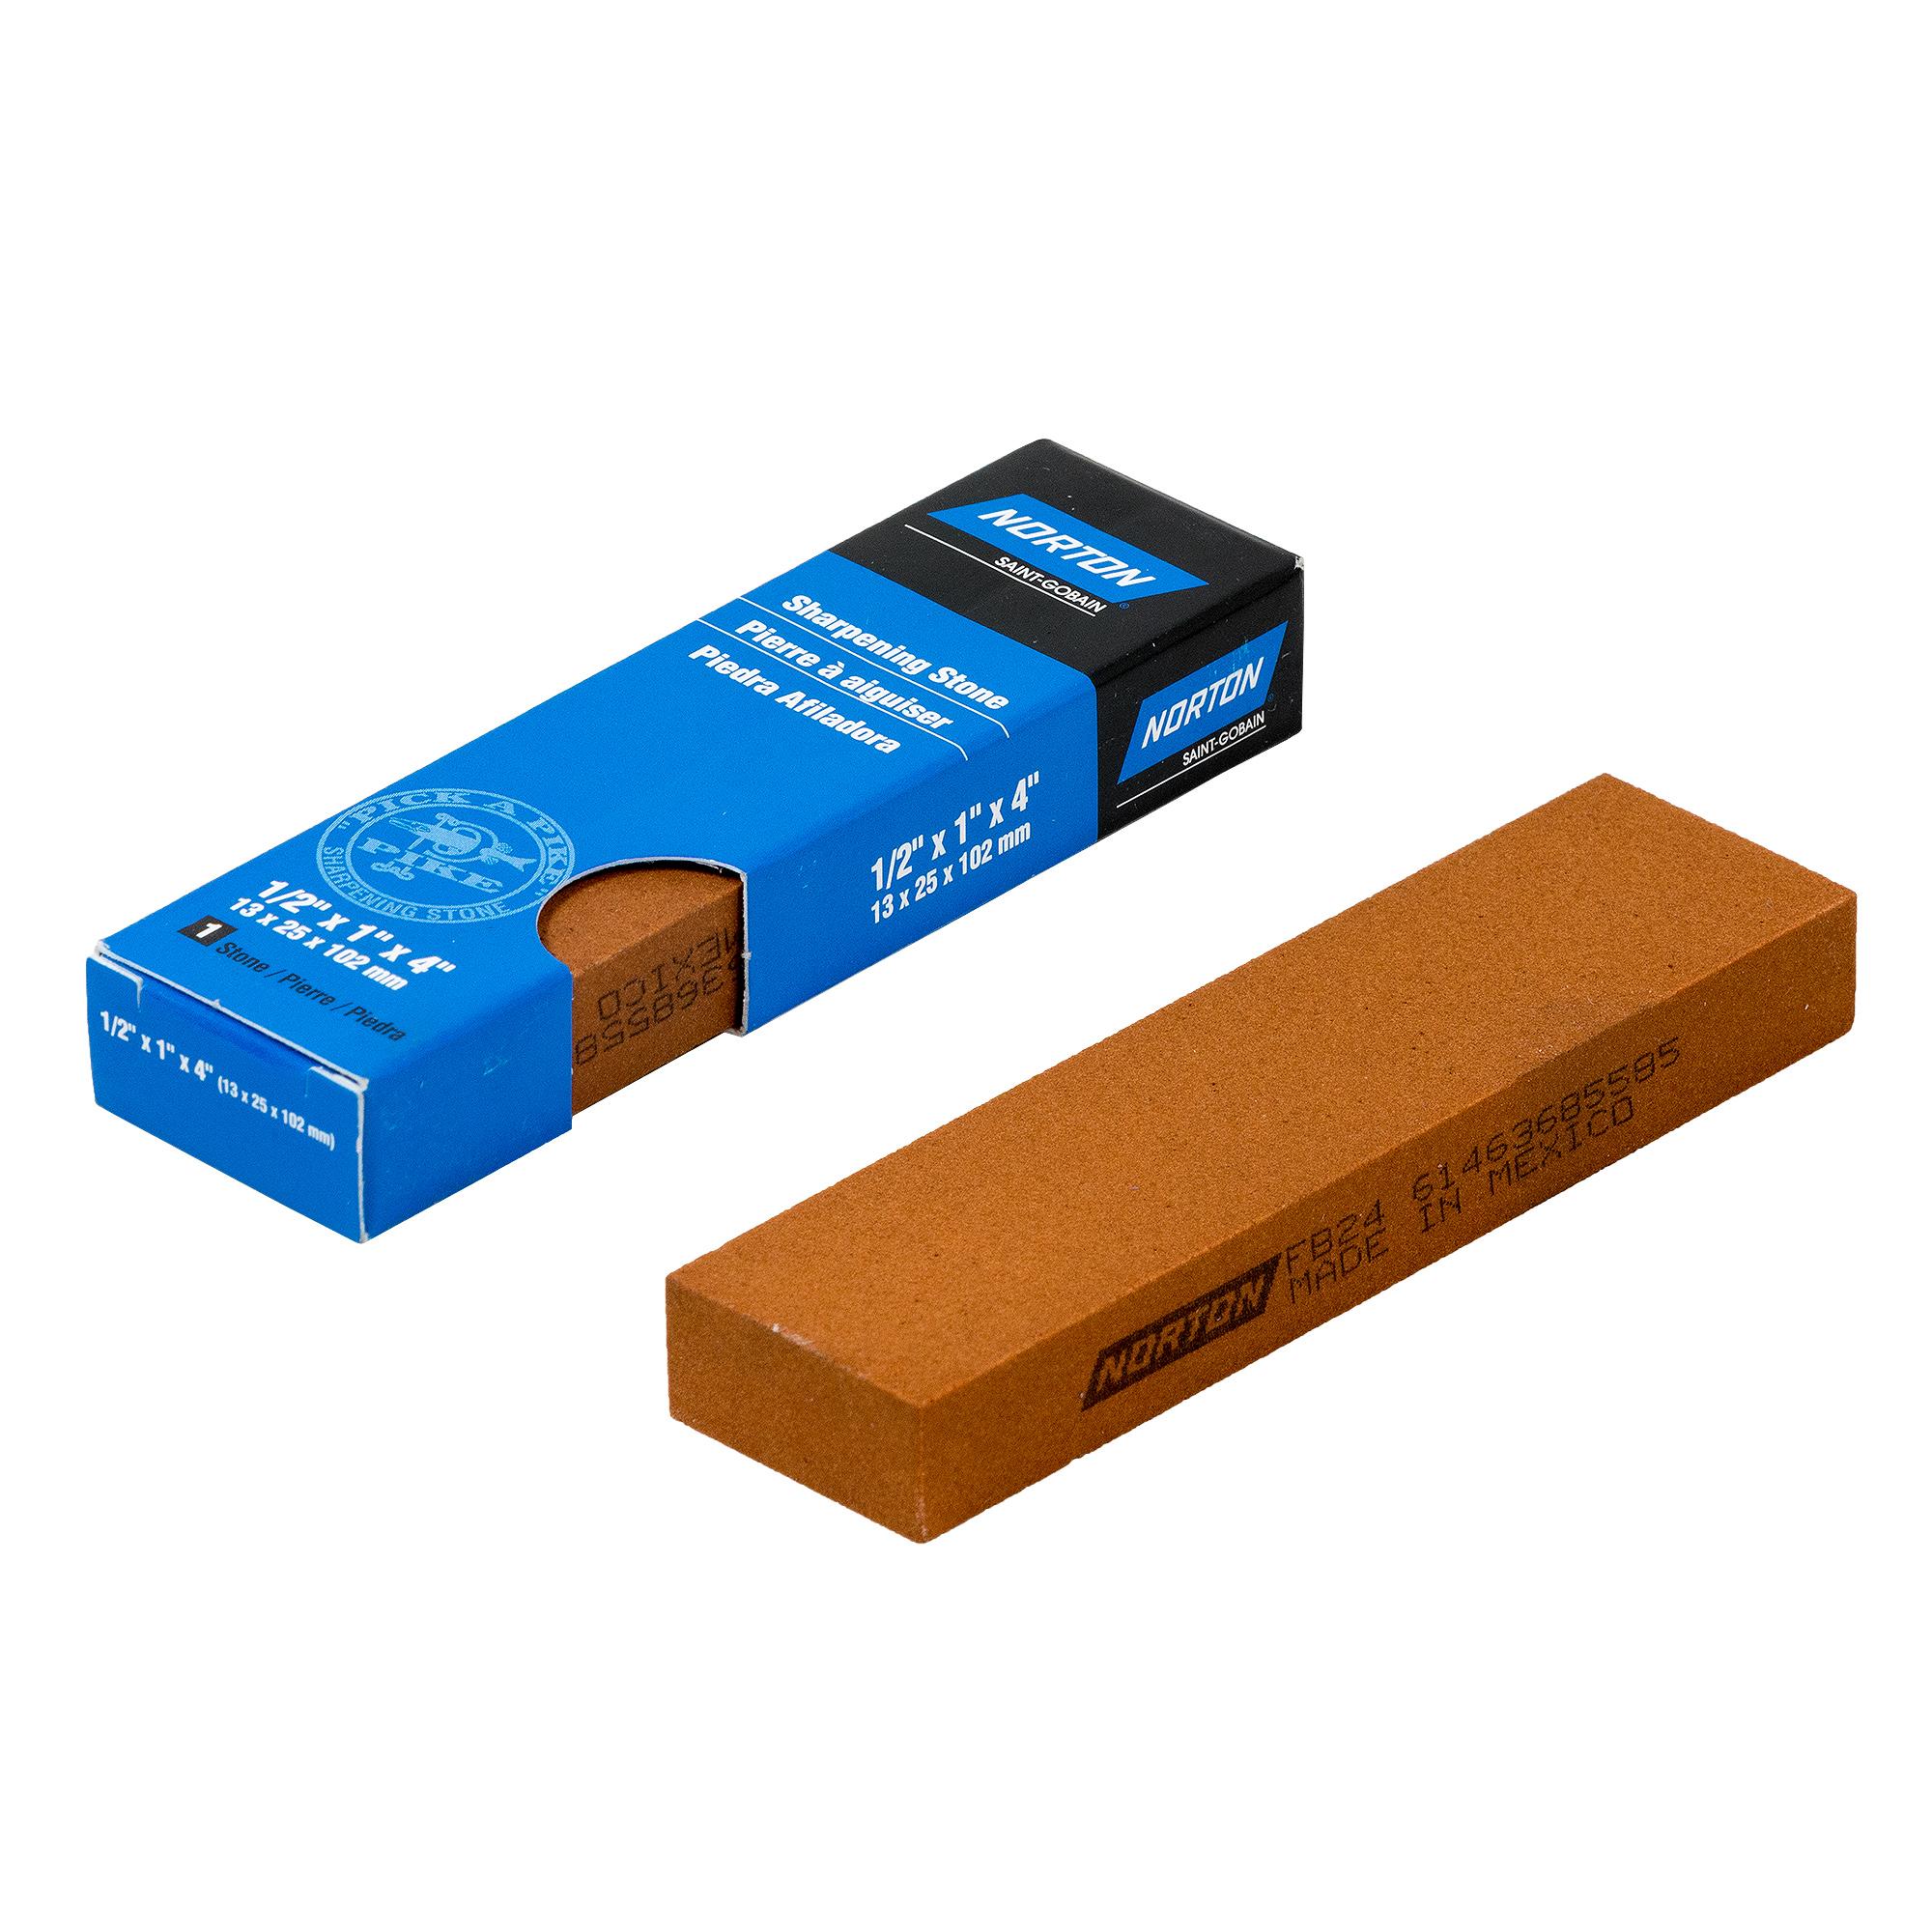 Norton INDIA Fine Schleifstein Wetzstein 102x25x13 mm | Industriequalität | 61463685585